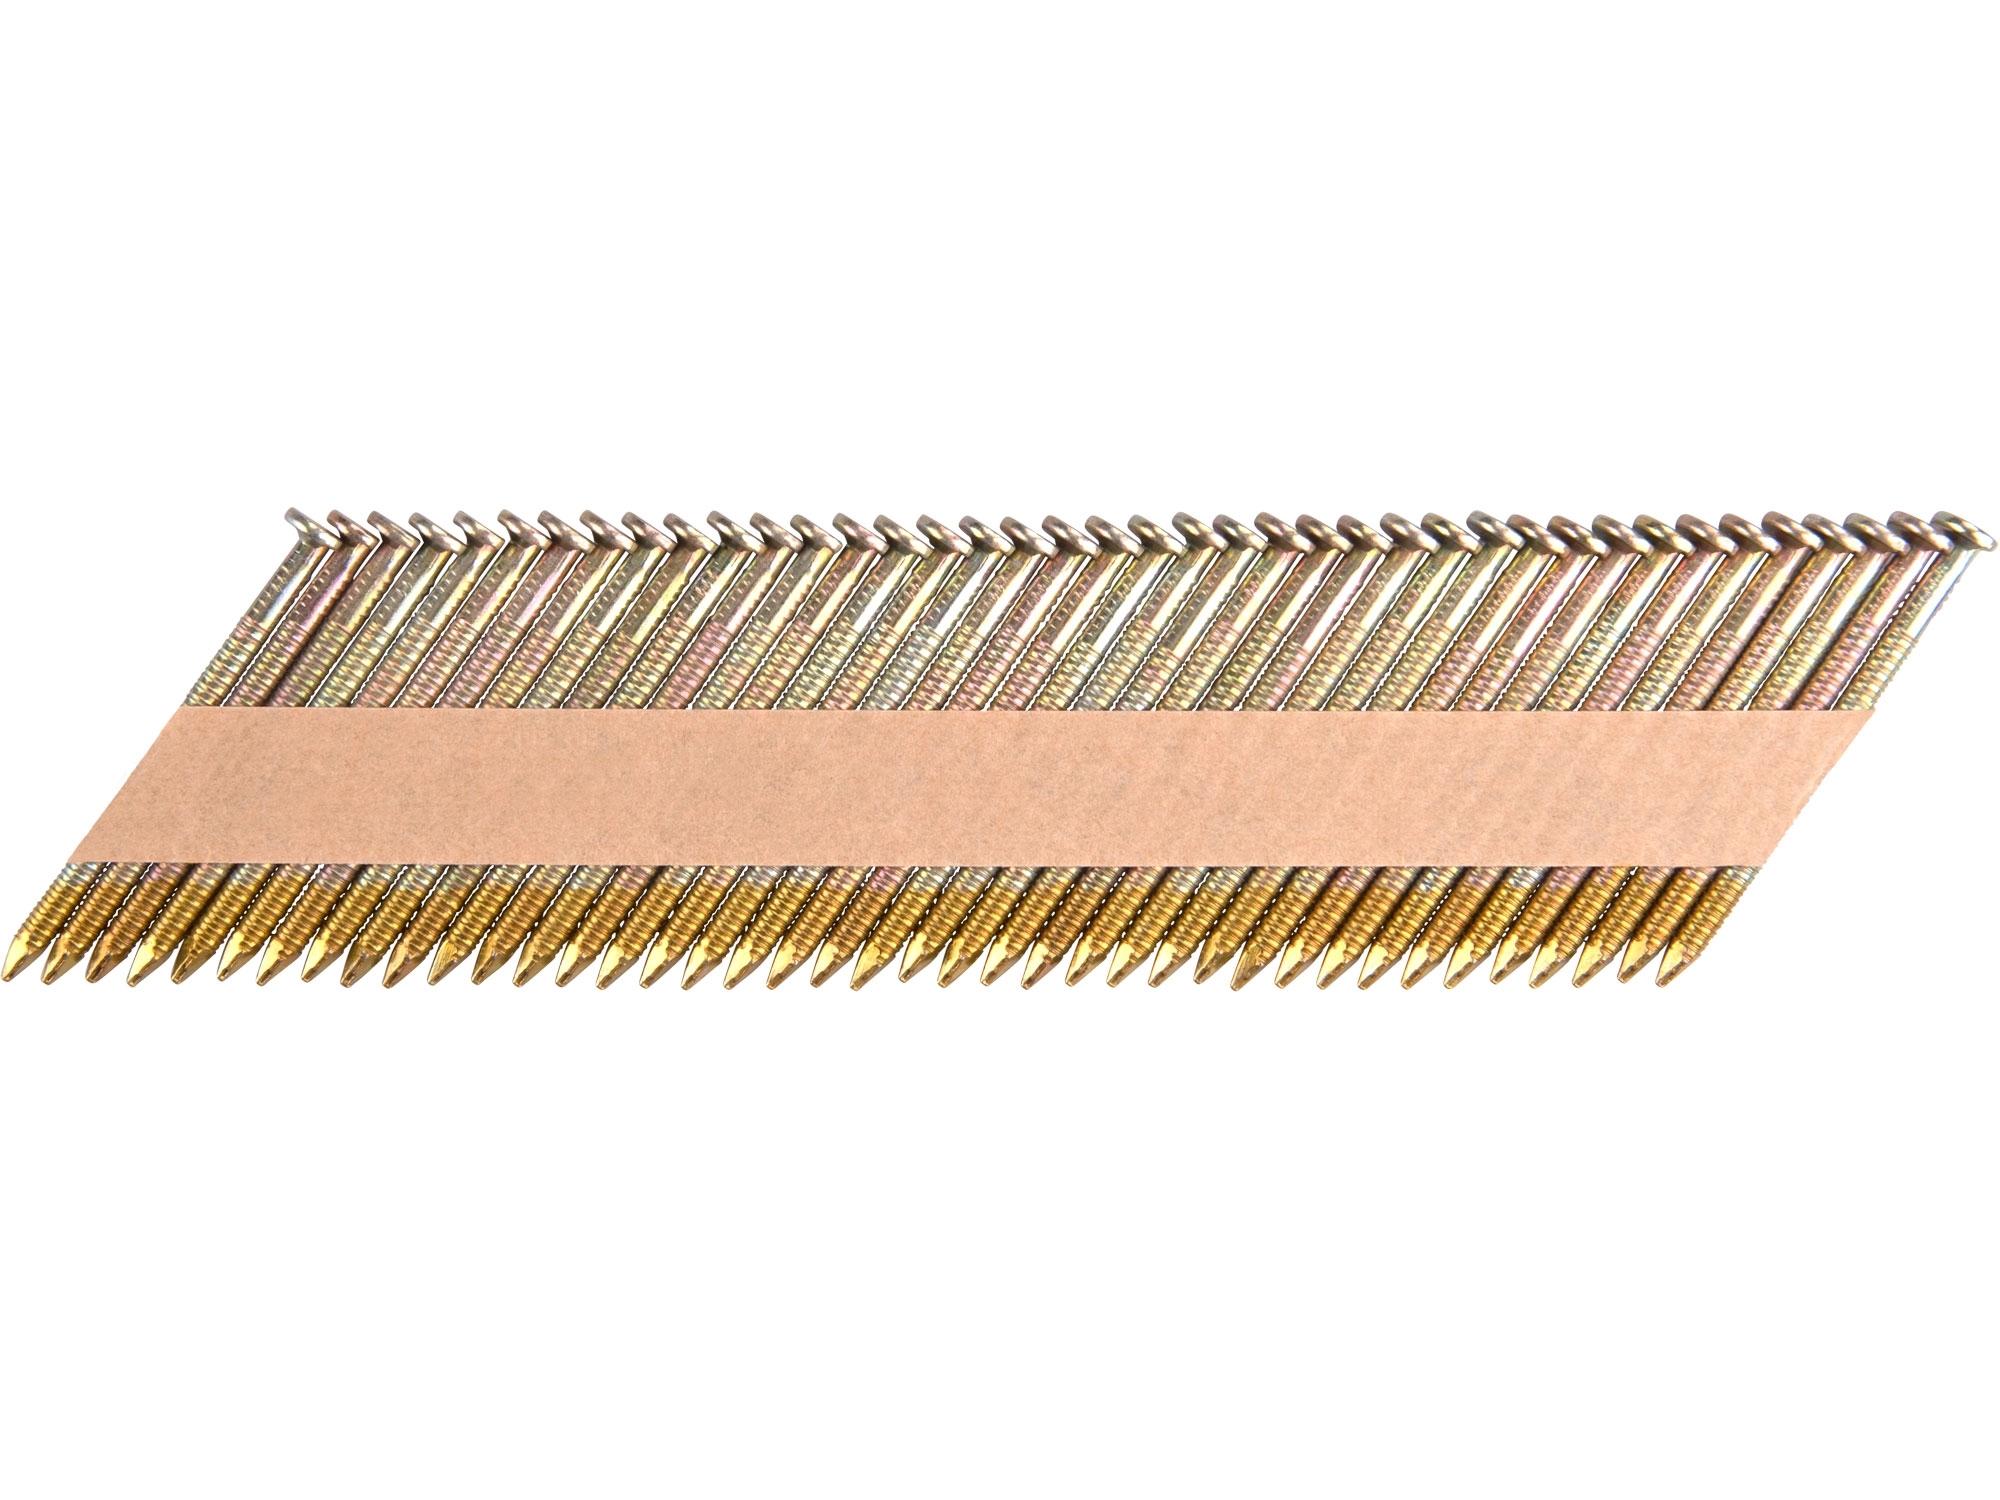 hřebík nastřelovací, 480ks, 50mm, ⌀3,05mm, vroubkovaný